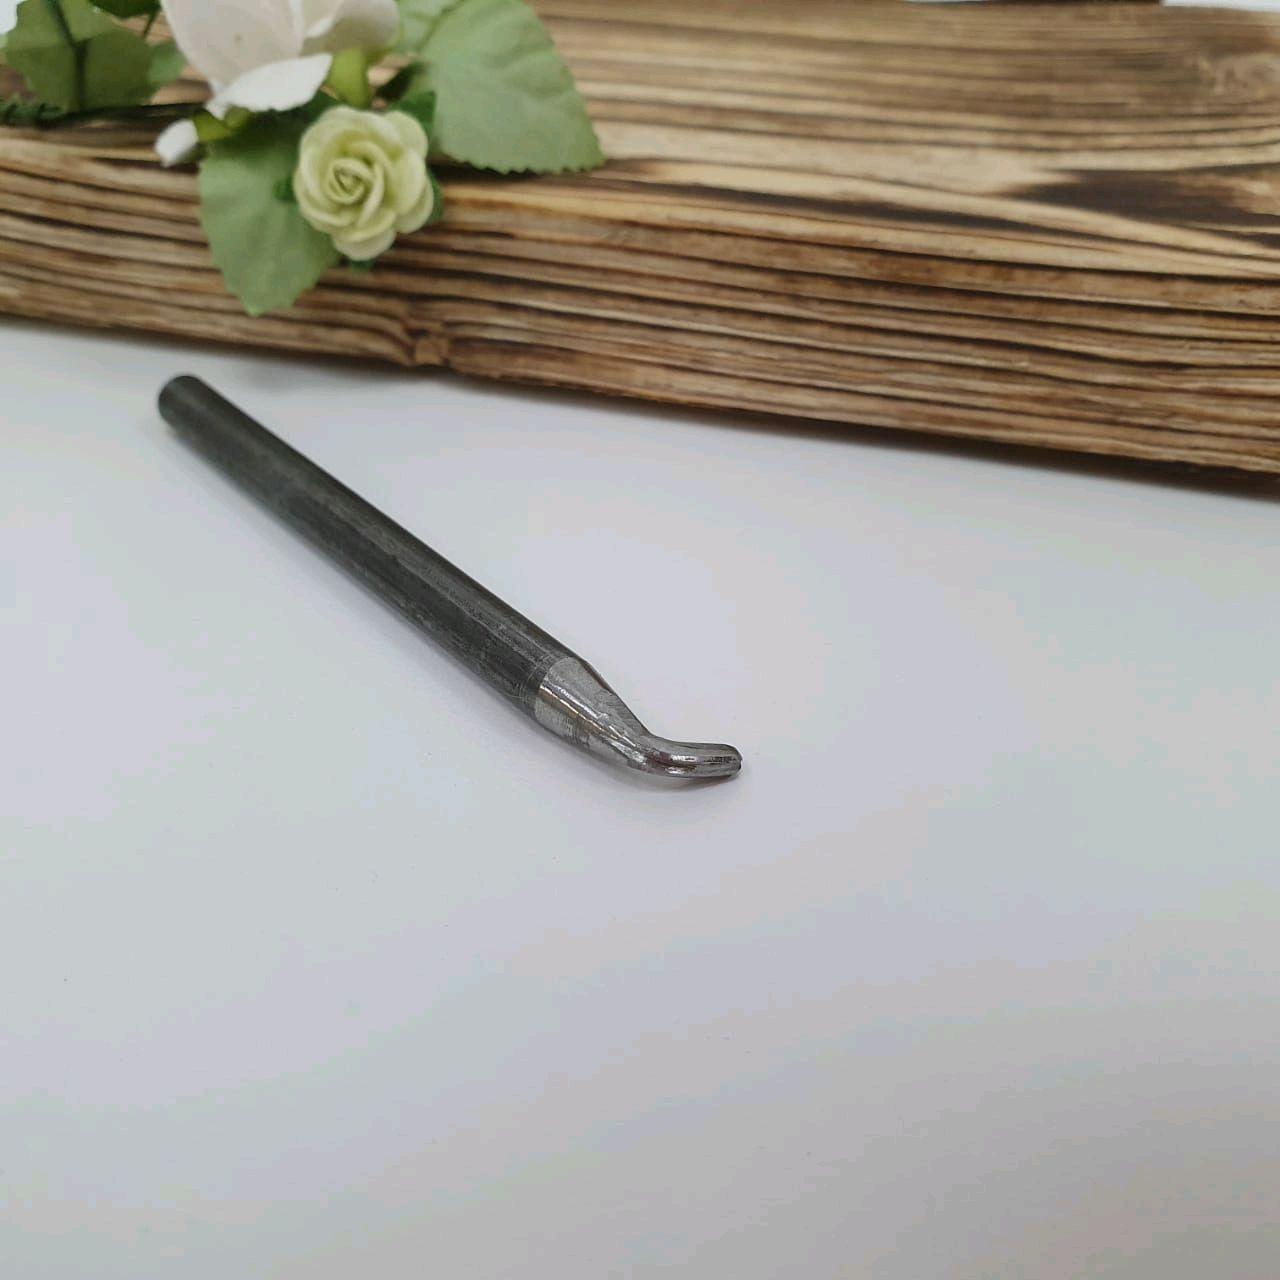 Стальной нож с жилкой 3мм для цветов из шелка, кожи, глины, узкий нож, Инструменты для флористики, Ижевск,  Фото №1